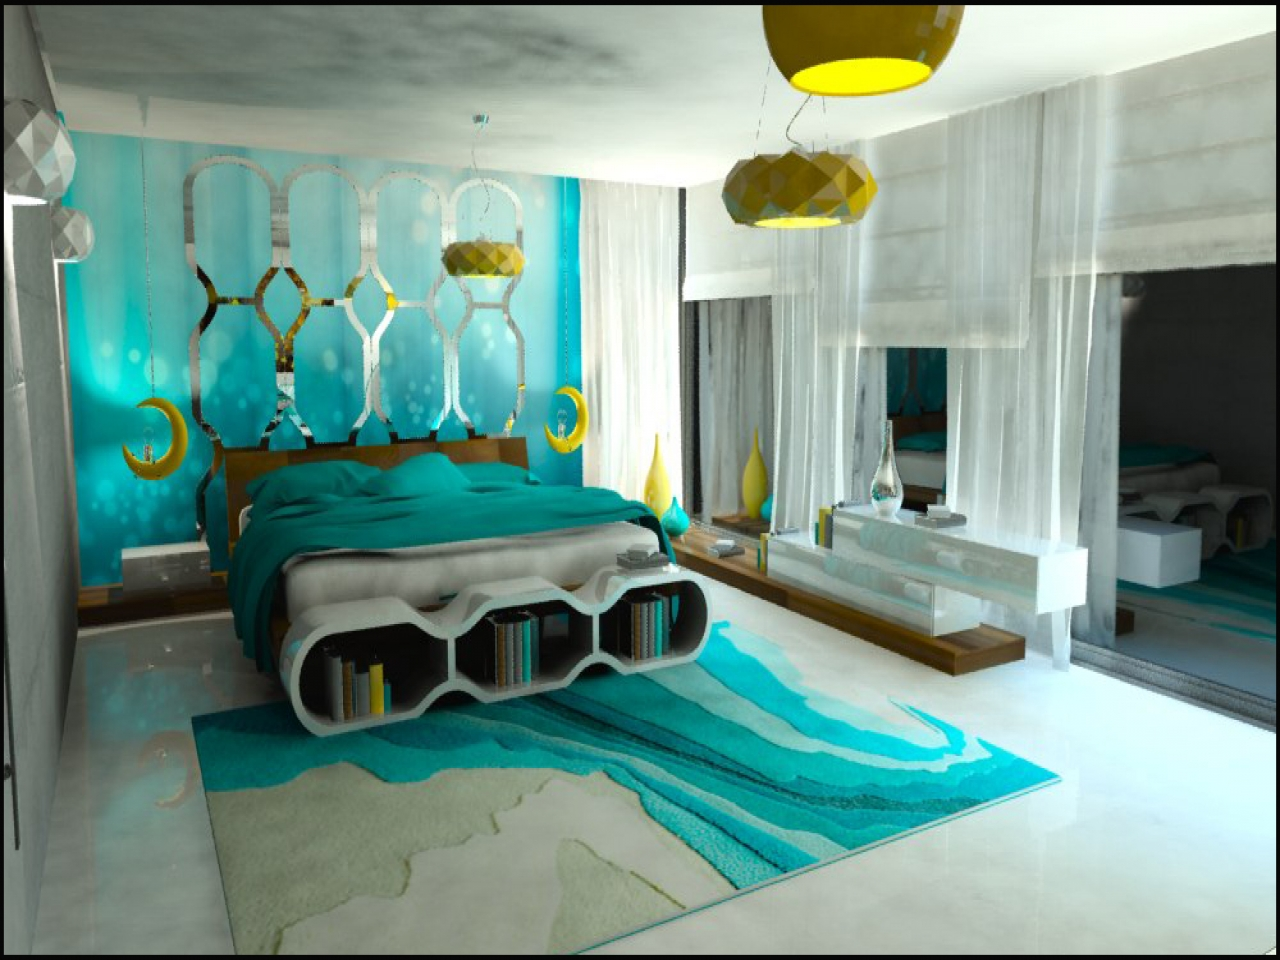 Salle De Bain Chocolat Turquoise chambre turquoise (68 photos): aménagement intérieur dans